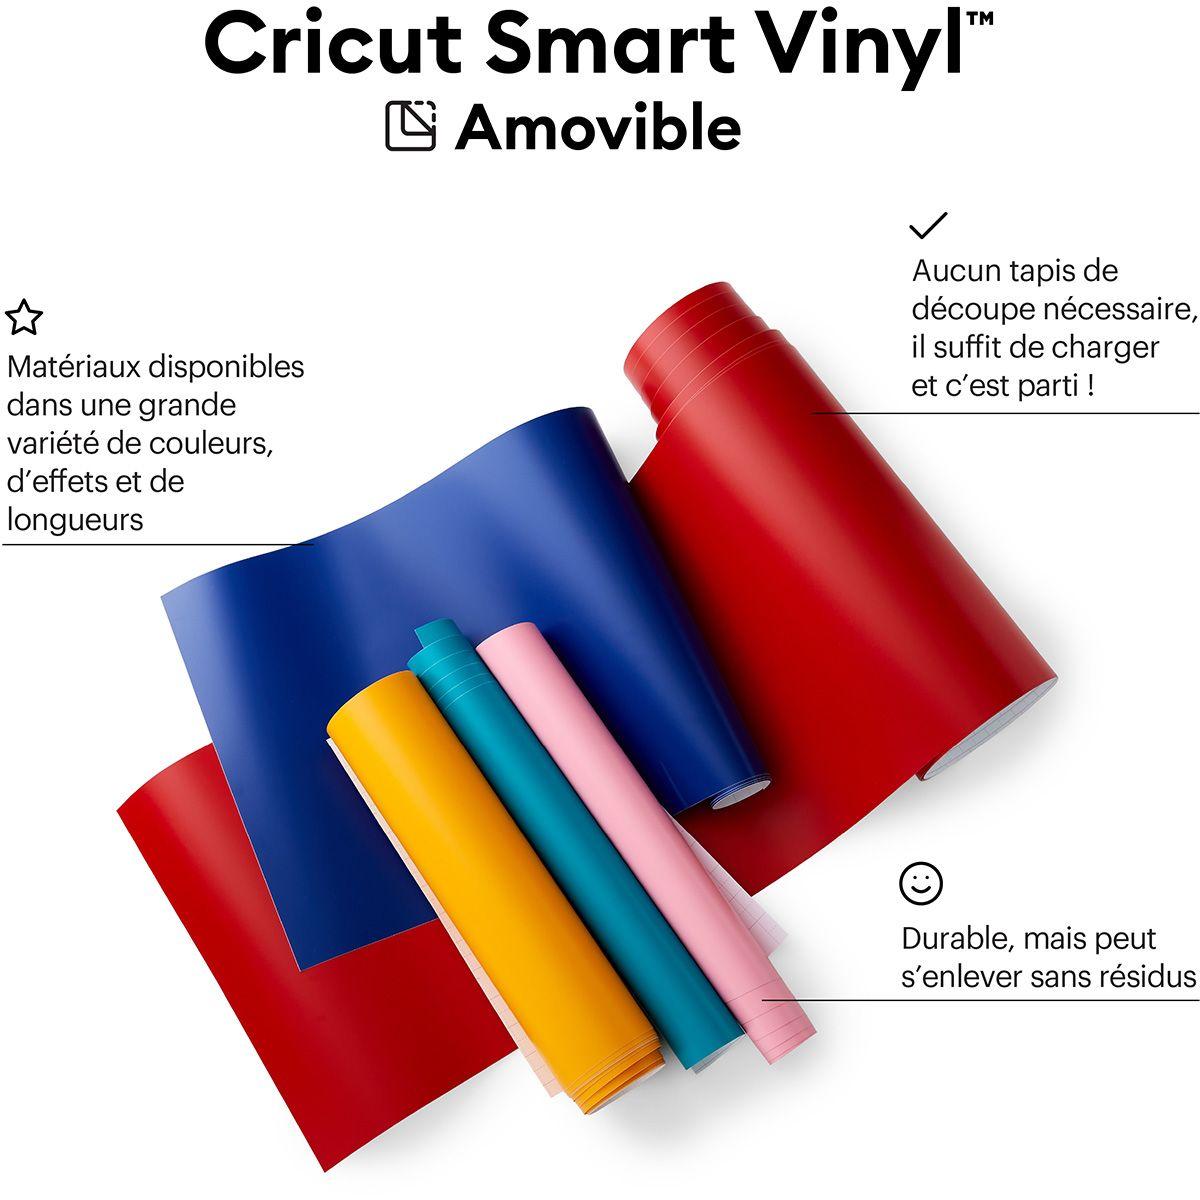 Film vinyle repositionnable 33 cm x 366 cm Cricut